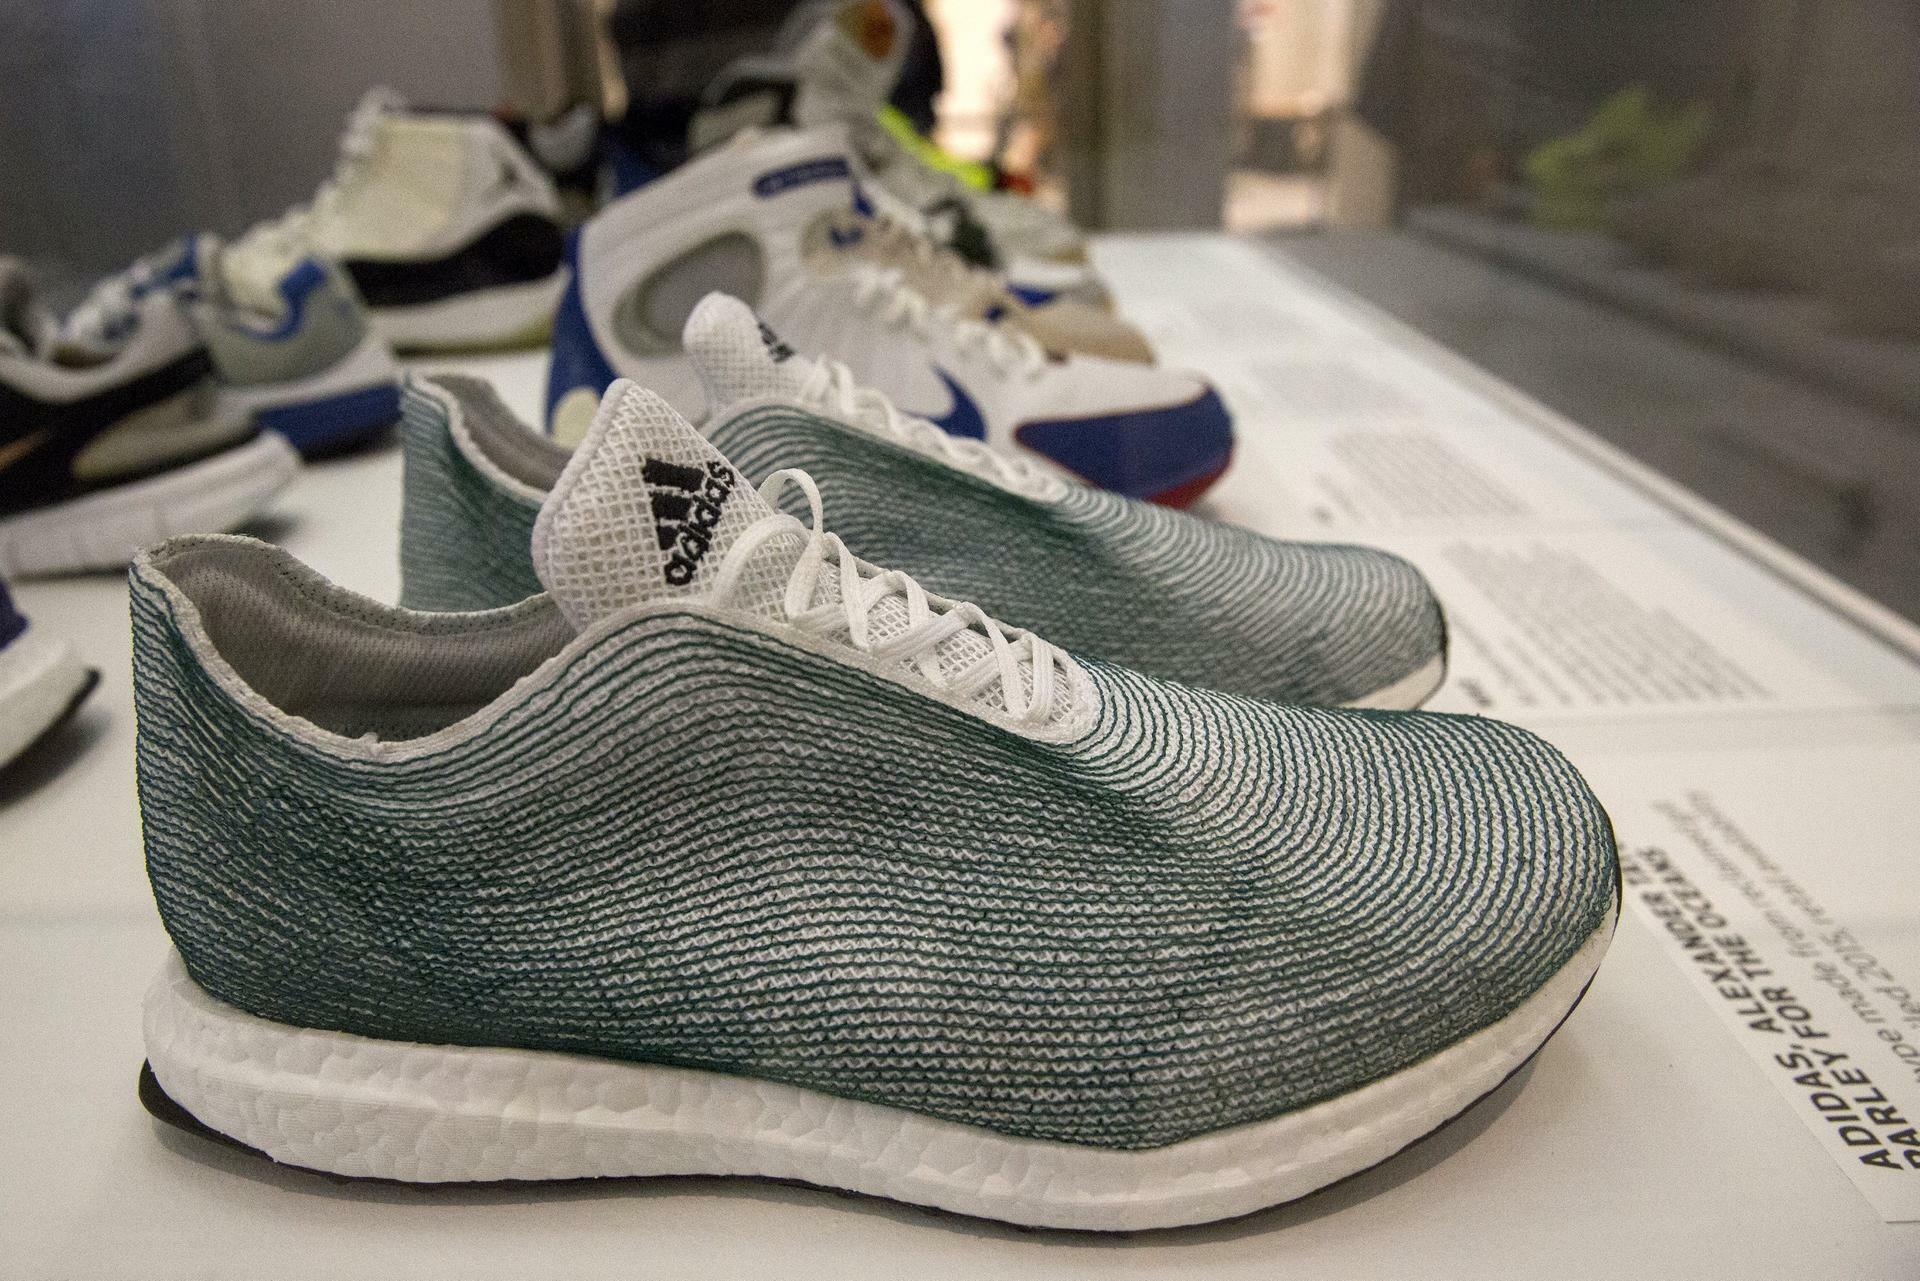 Adidas Schuhe aus Plastikmüll: Was die Konkurrenz macht